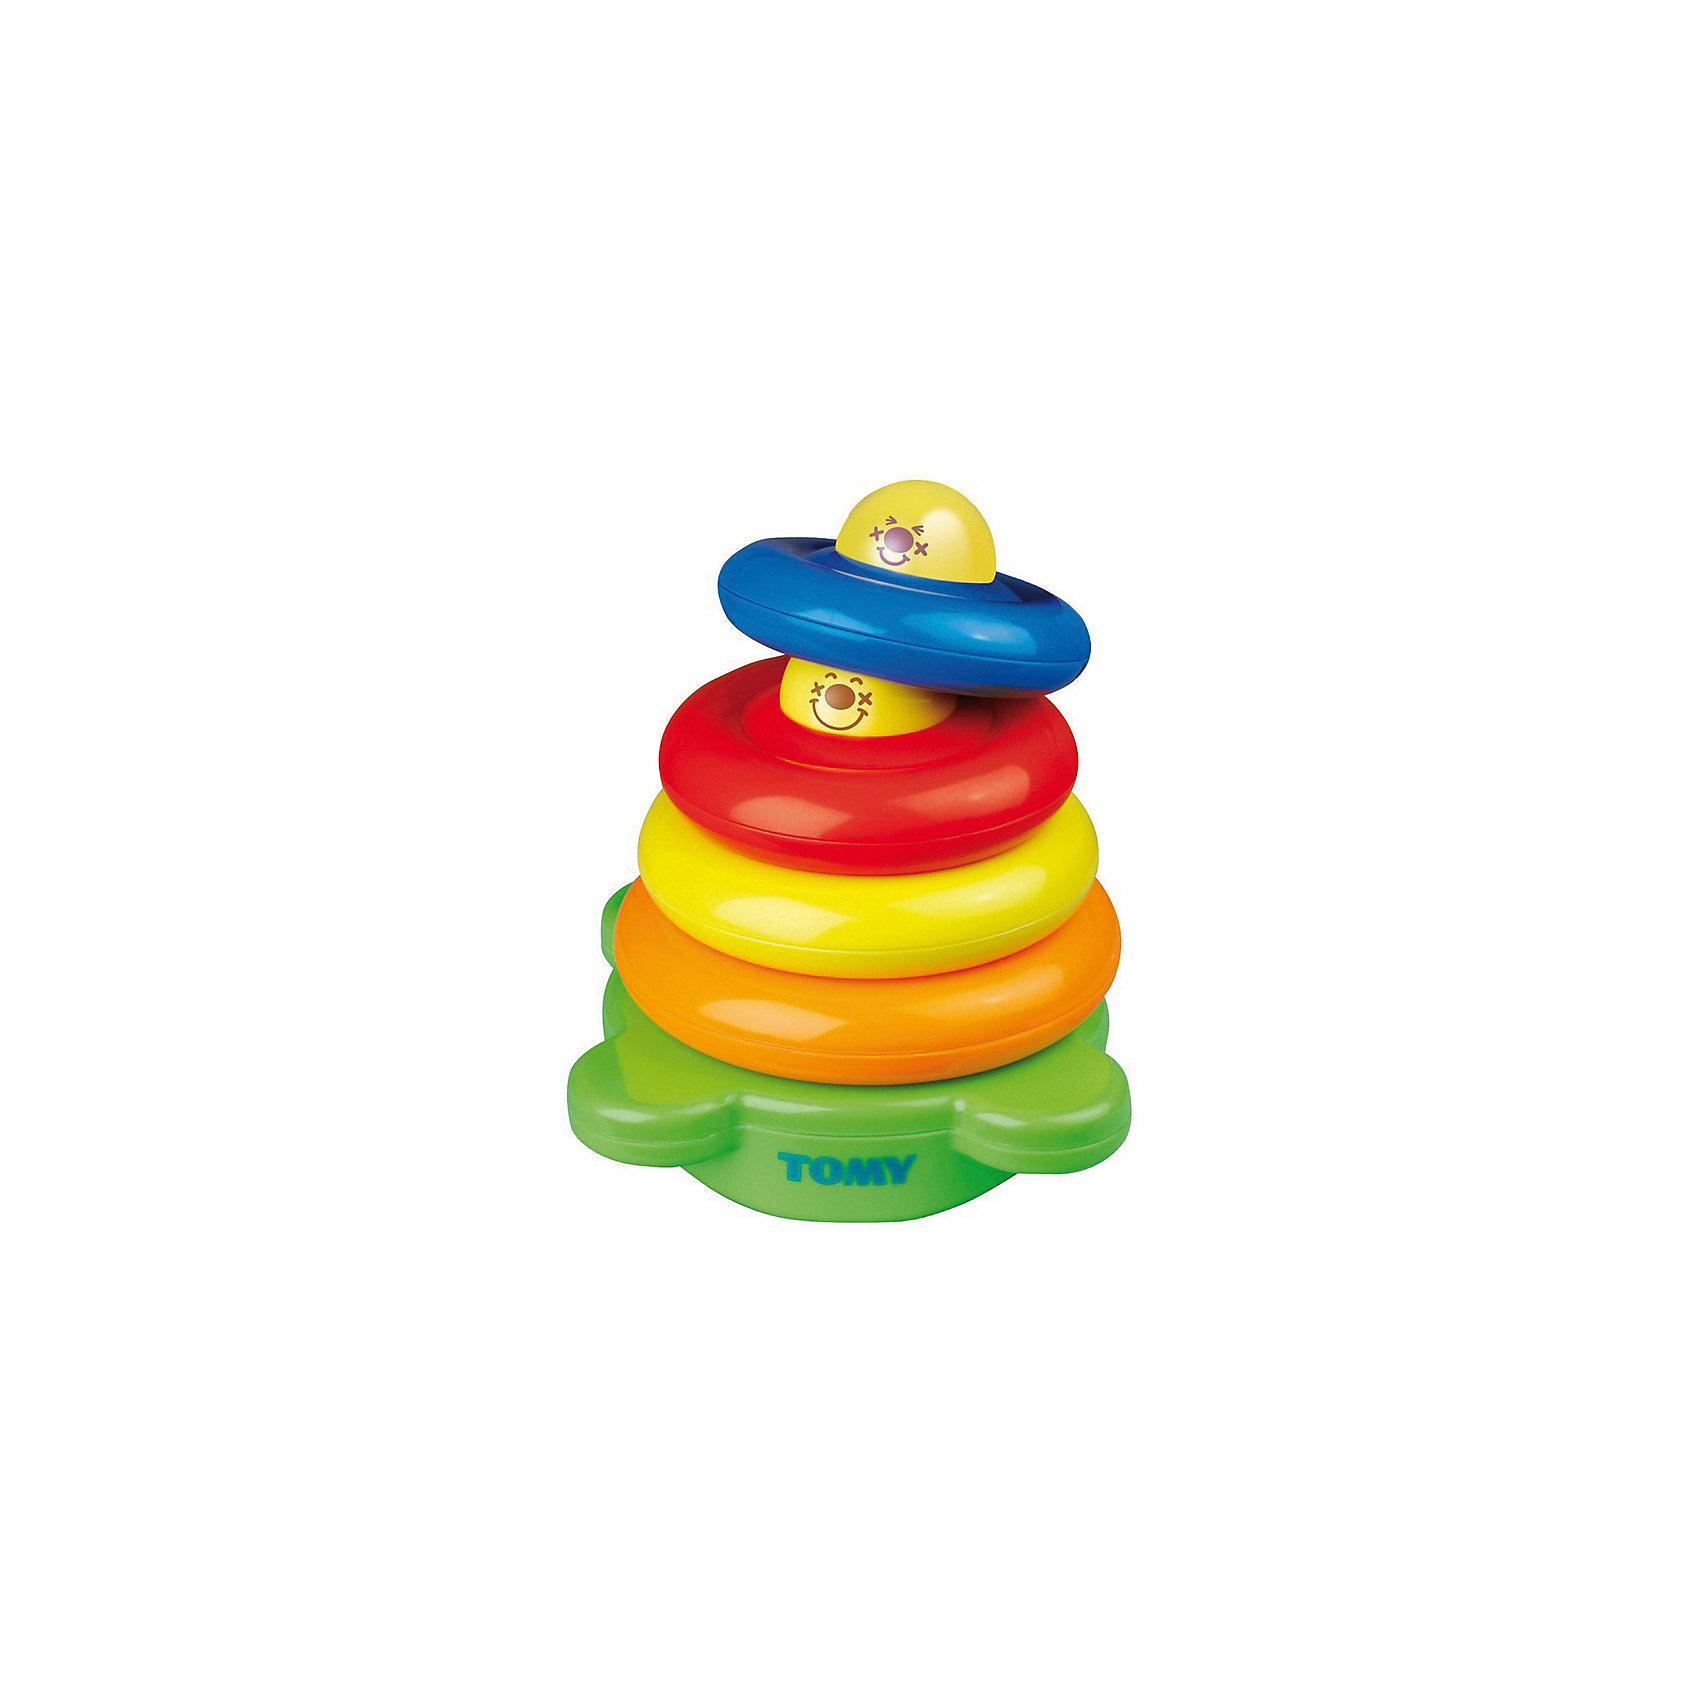 Игрушка Веселая Пирамидка, TOMYПирамидки<br>Развивающая игрушка Пирамидка от известного производителя игрушек TOMY (Томи) - это очень нужная вещь для Вашего малыша. Игрушка несёт в себе не только развлекающую функцию, но и развивающую! Развивающие игрушки - это необходимый атрибут в процессе развития всех малышей. <br><br>Пирамидка проста в использовании, выполнена из качественного материала и не представляет опасности для ребёнка. Когда малыш разберет пирамидку до основания, он обнаружит гремящий шарик. Игрушка поможет в развитии моторики рук, восприятию цвета и формы, способствует развитию логики.<br><br>Развивающую игрушку Пирамидка от TOMY (Томи) можно купить в нашем интернет-магазине.<br><br>Дополнительная информация:<br>- Материал: пластмасса<br>- Размер: 21 х 20 х 16 см<br><br>ВНИМАНИЕ! Данный товар представлен в ассортименте, и возможно получение пирамидки с 4 или с 5 кольцами. Количество колец пирамидки указано на упаковке. К сожалению, предварительный выбор не возможен.<br><br>Игрушку Веселая Пирамидка, TOMY можно купить в нашем магазине.<br><br>Ширина мм: 160<br>Глубина мм: 210<br>Высота мм: 200<br>Вес г: 645<br>Возраст от месяцев: 6<br>Возраст до месяцев: 36<br>Пол: Унисекс<br>Возраст: Детский<br>SKU: 1602926